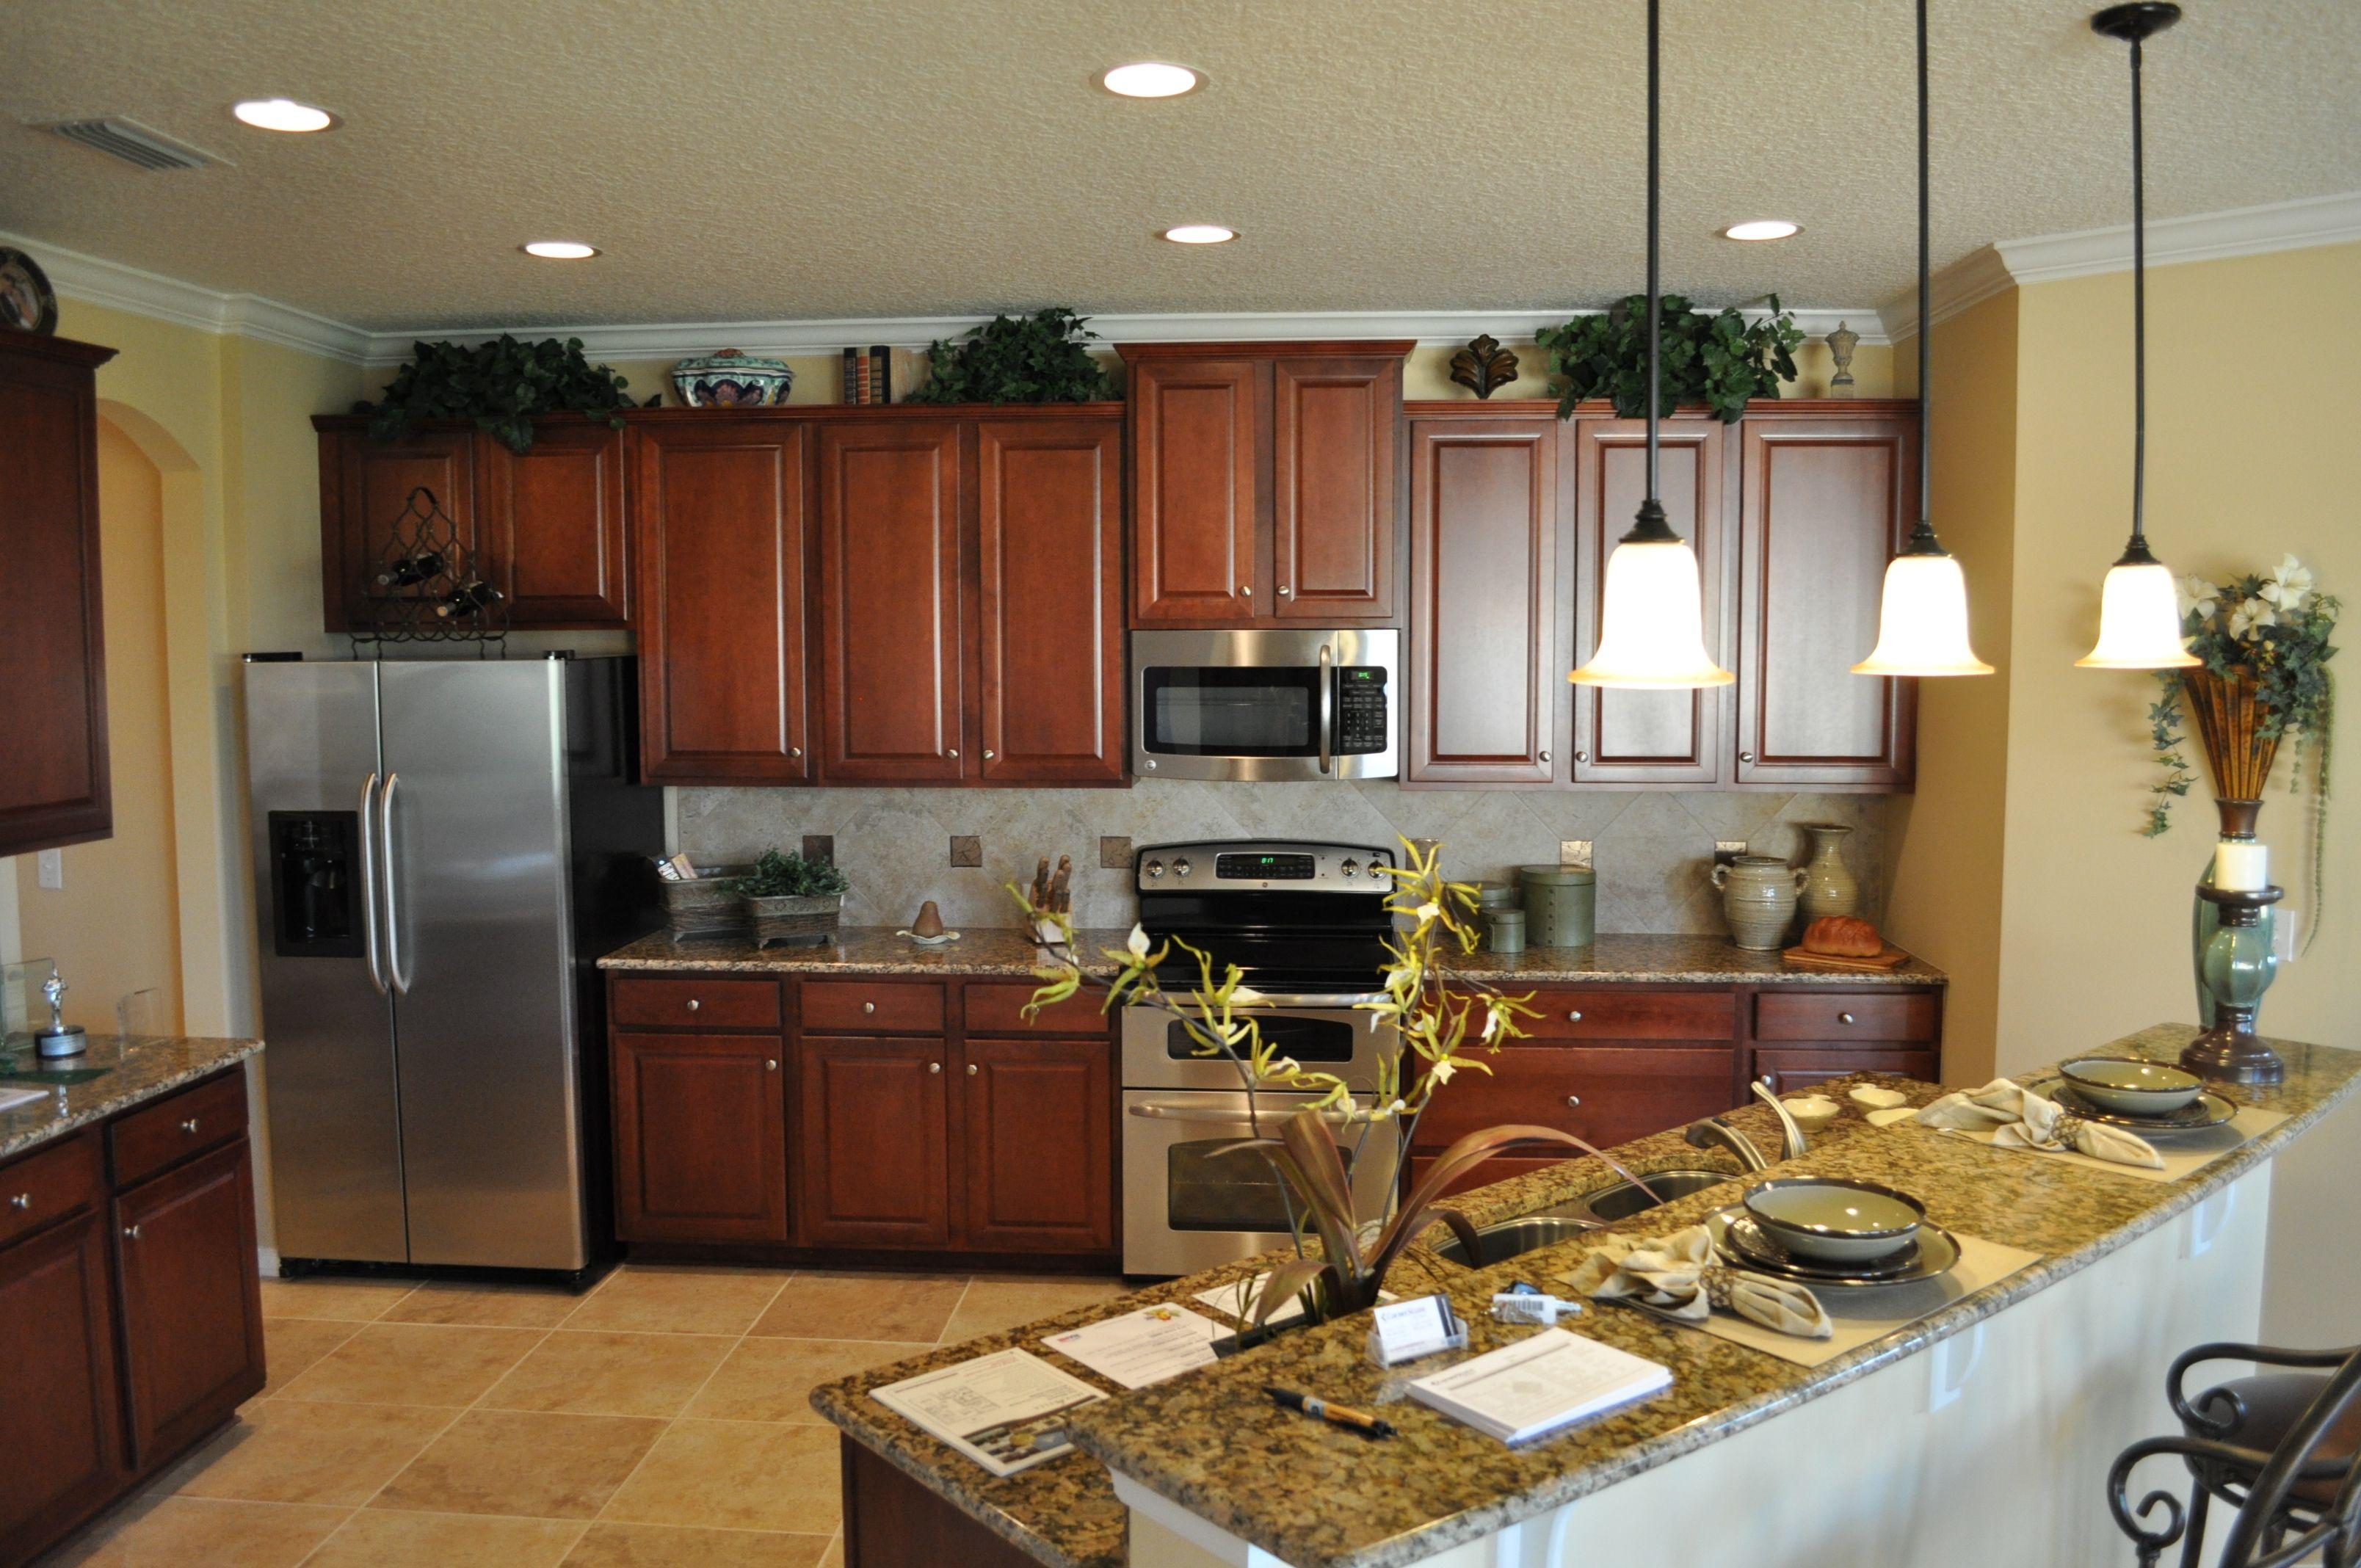 CornerStone kitchen (With images) | Kitchen, Kitchen ...